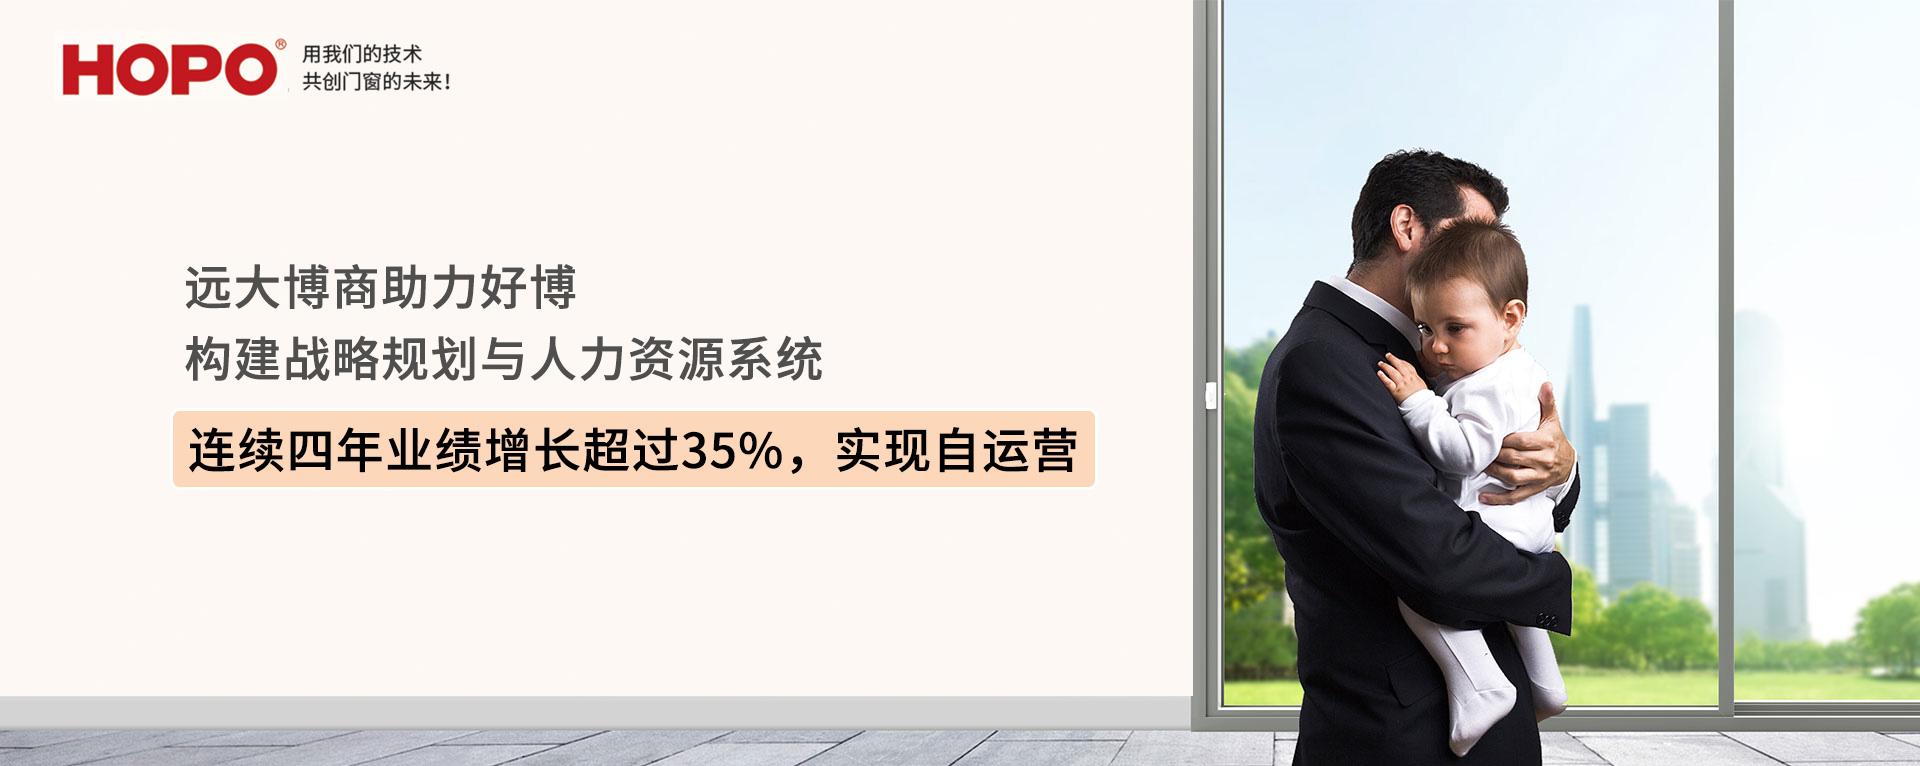 深圳攀高落地IPD集成产品开发项目